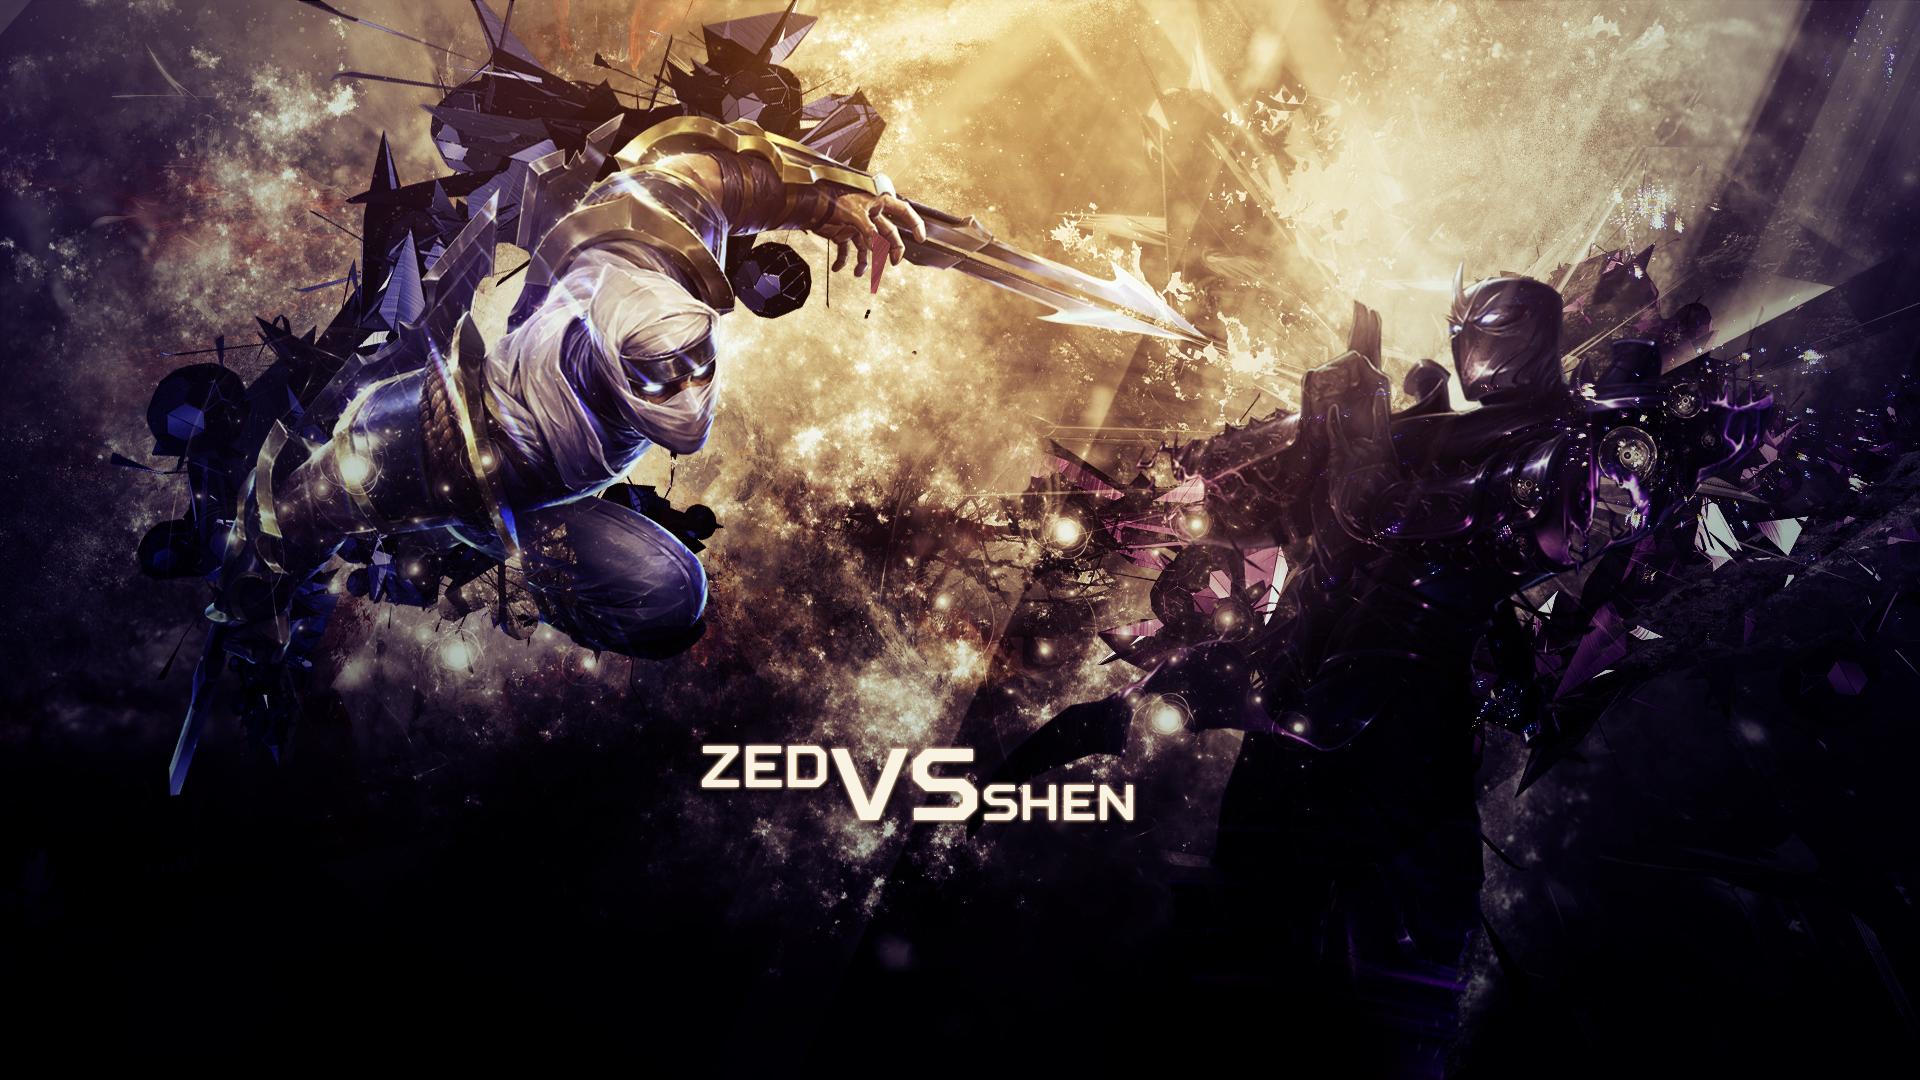 Zed vs Shen